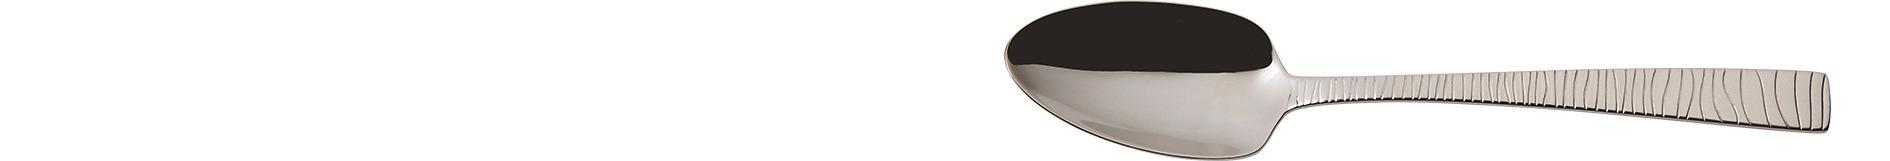 Kaffee- / Teelöffel 145 mm